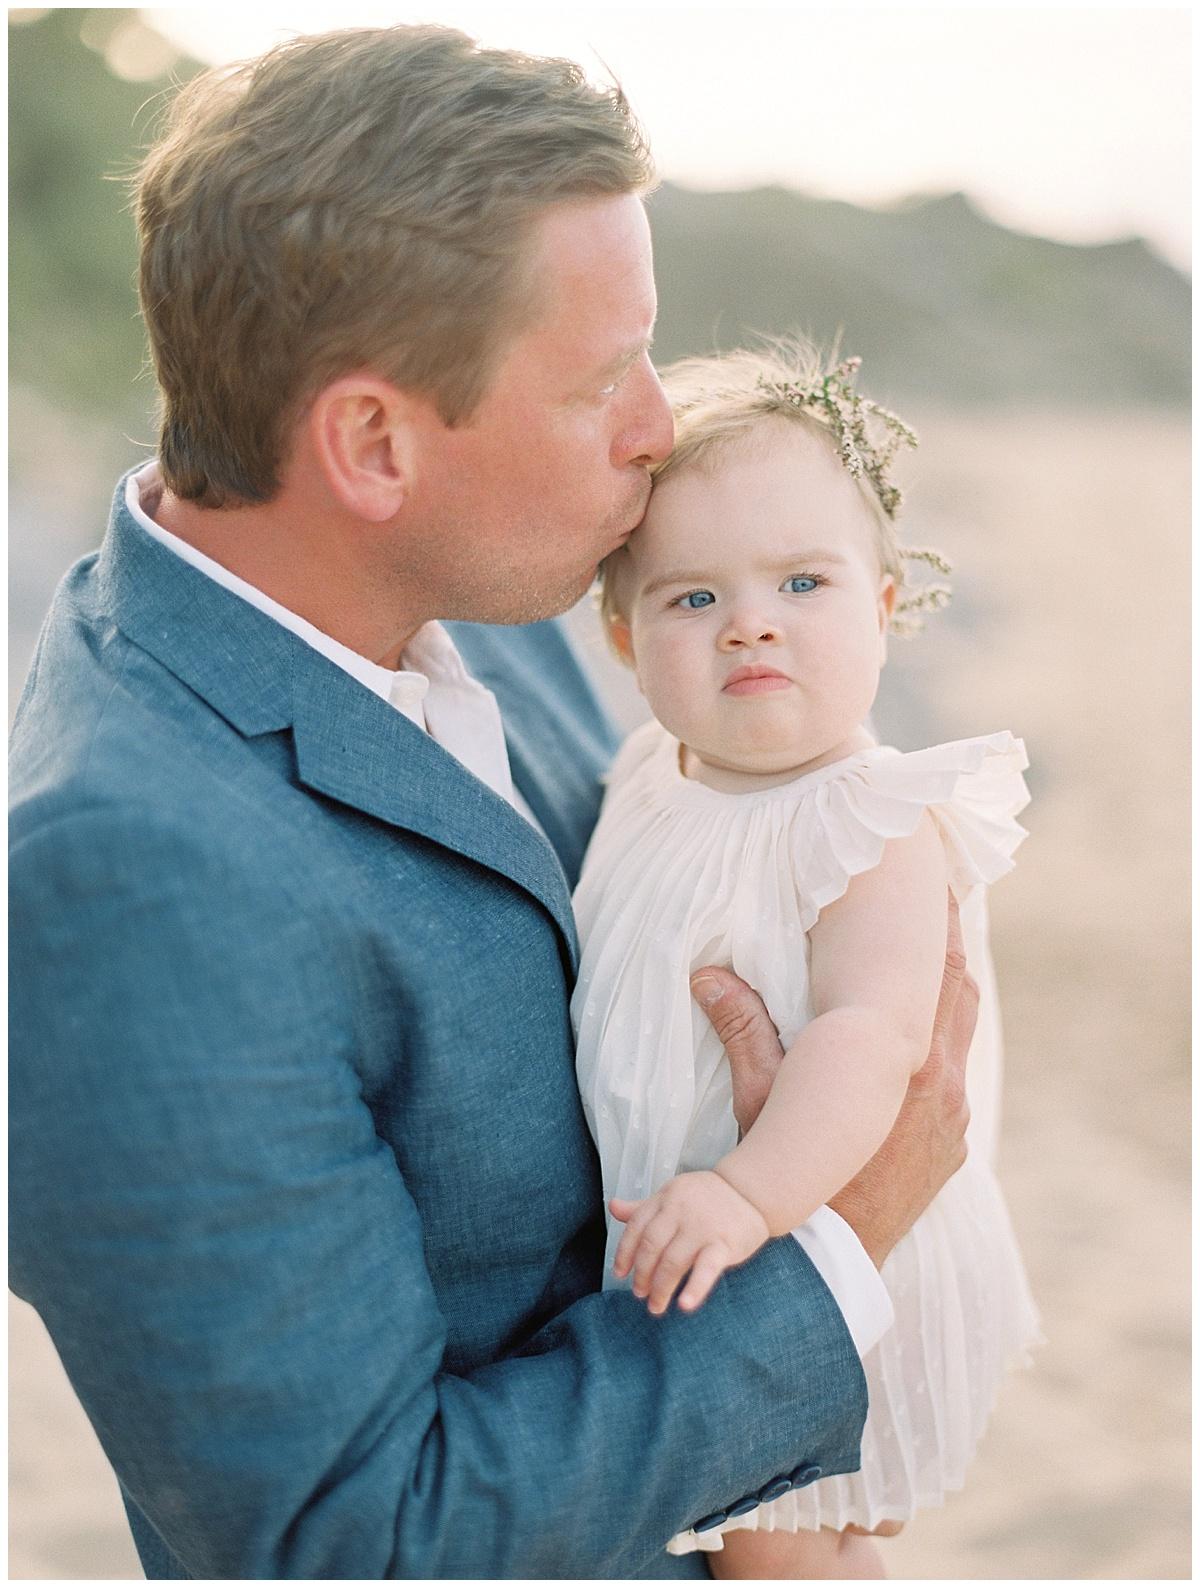 beach-elopement-groom-kissing-baby-daughter-blue-suit.jpg